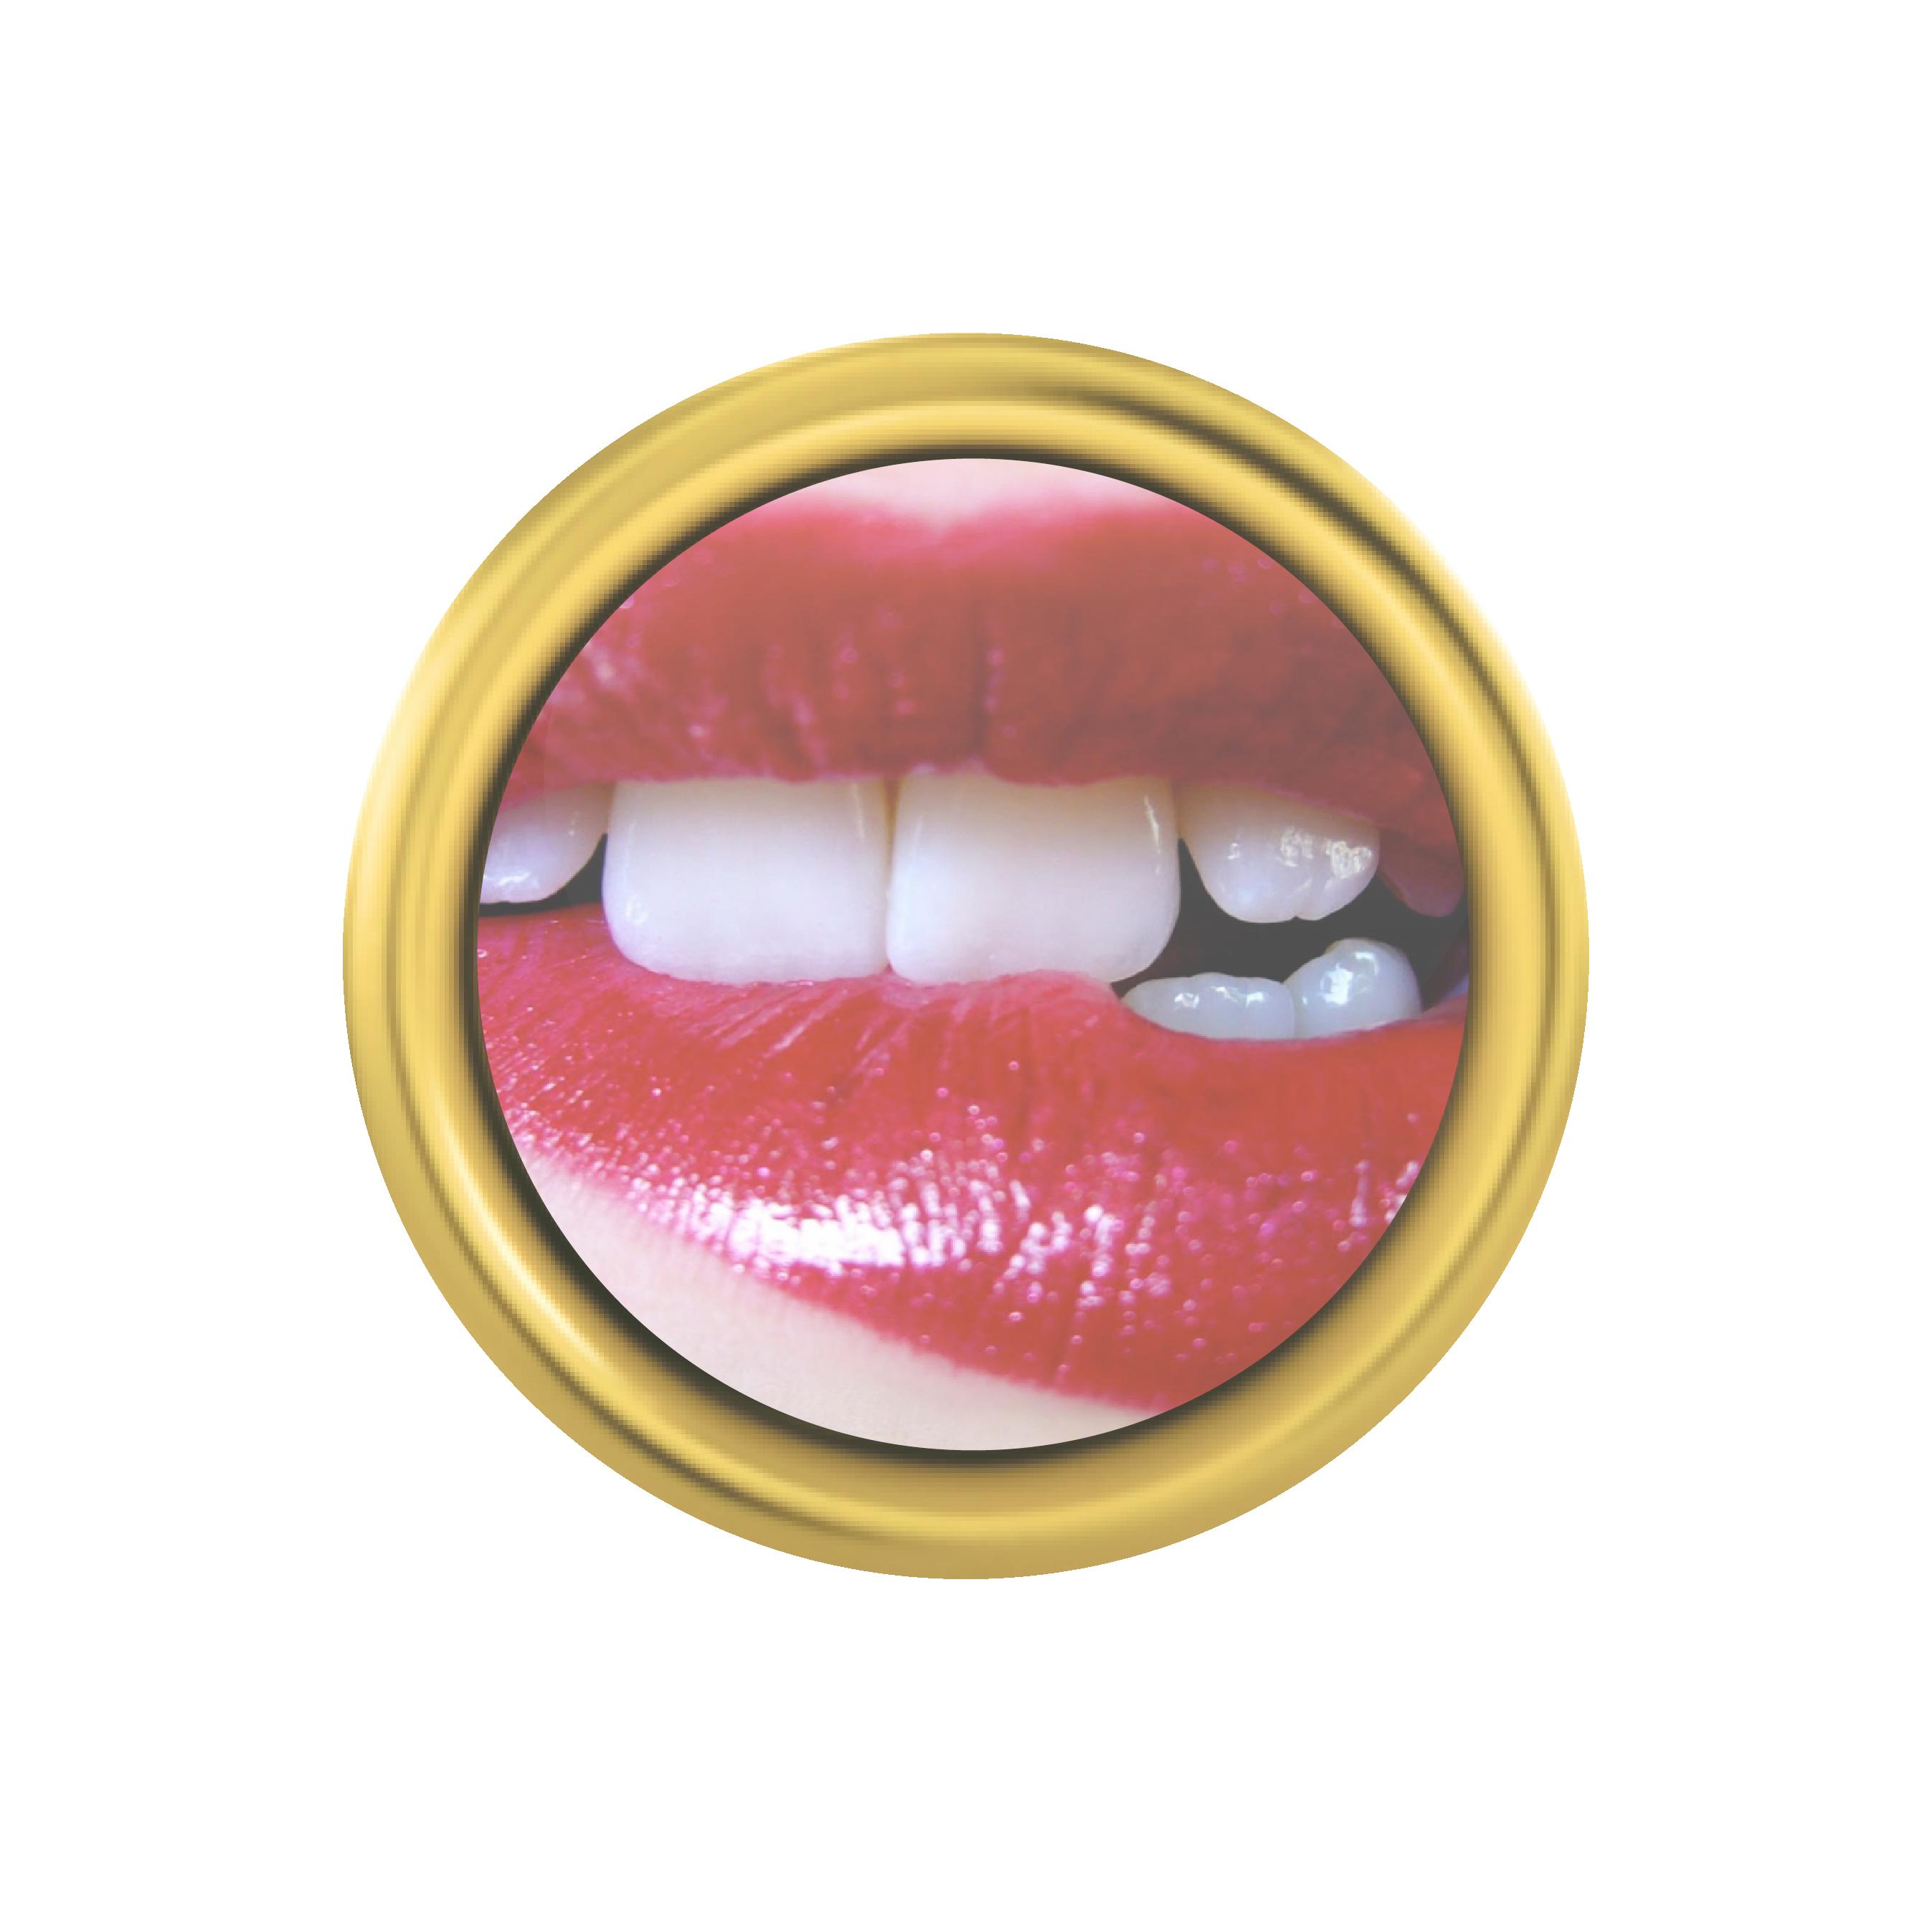 Taste clipart lip tongue. Infusion beach club save